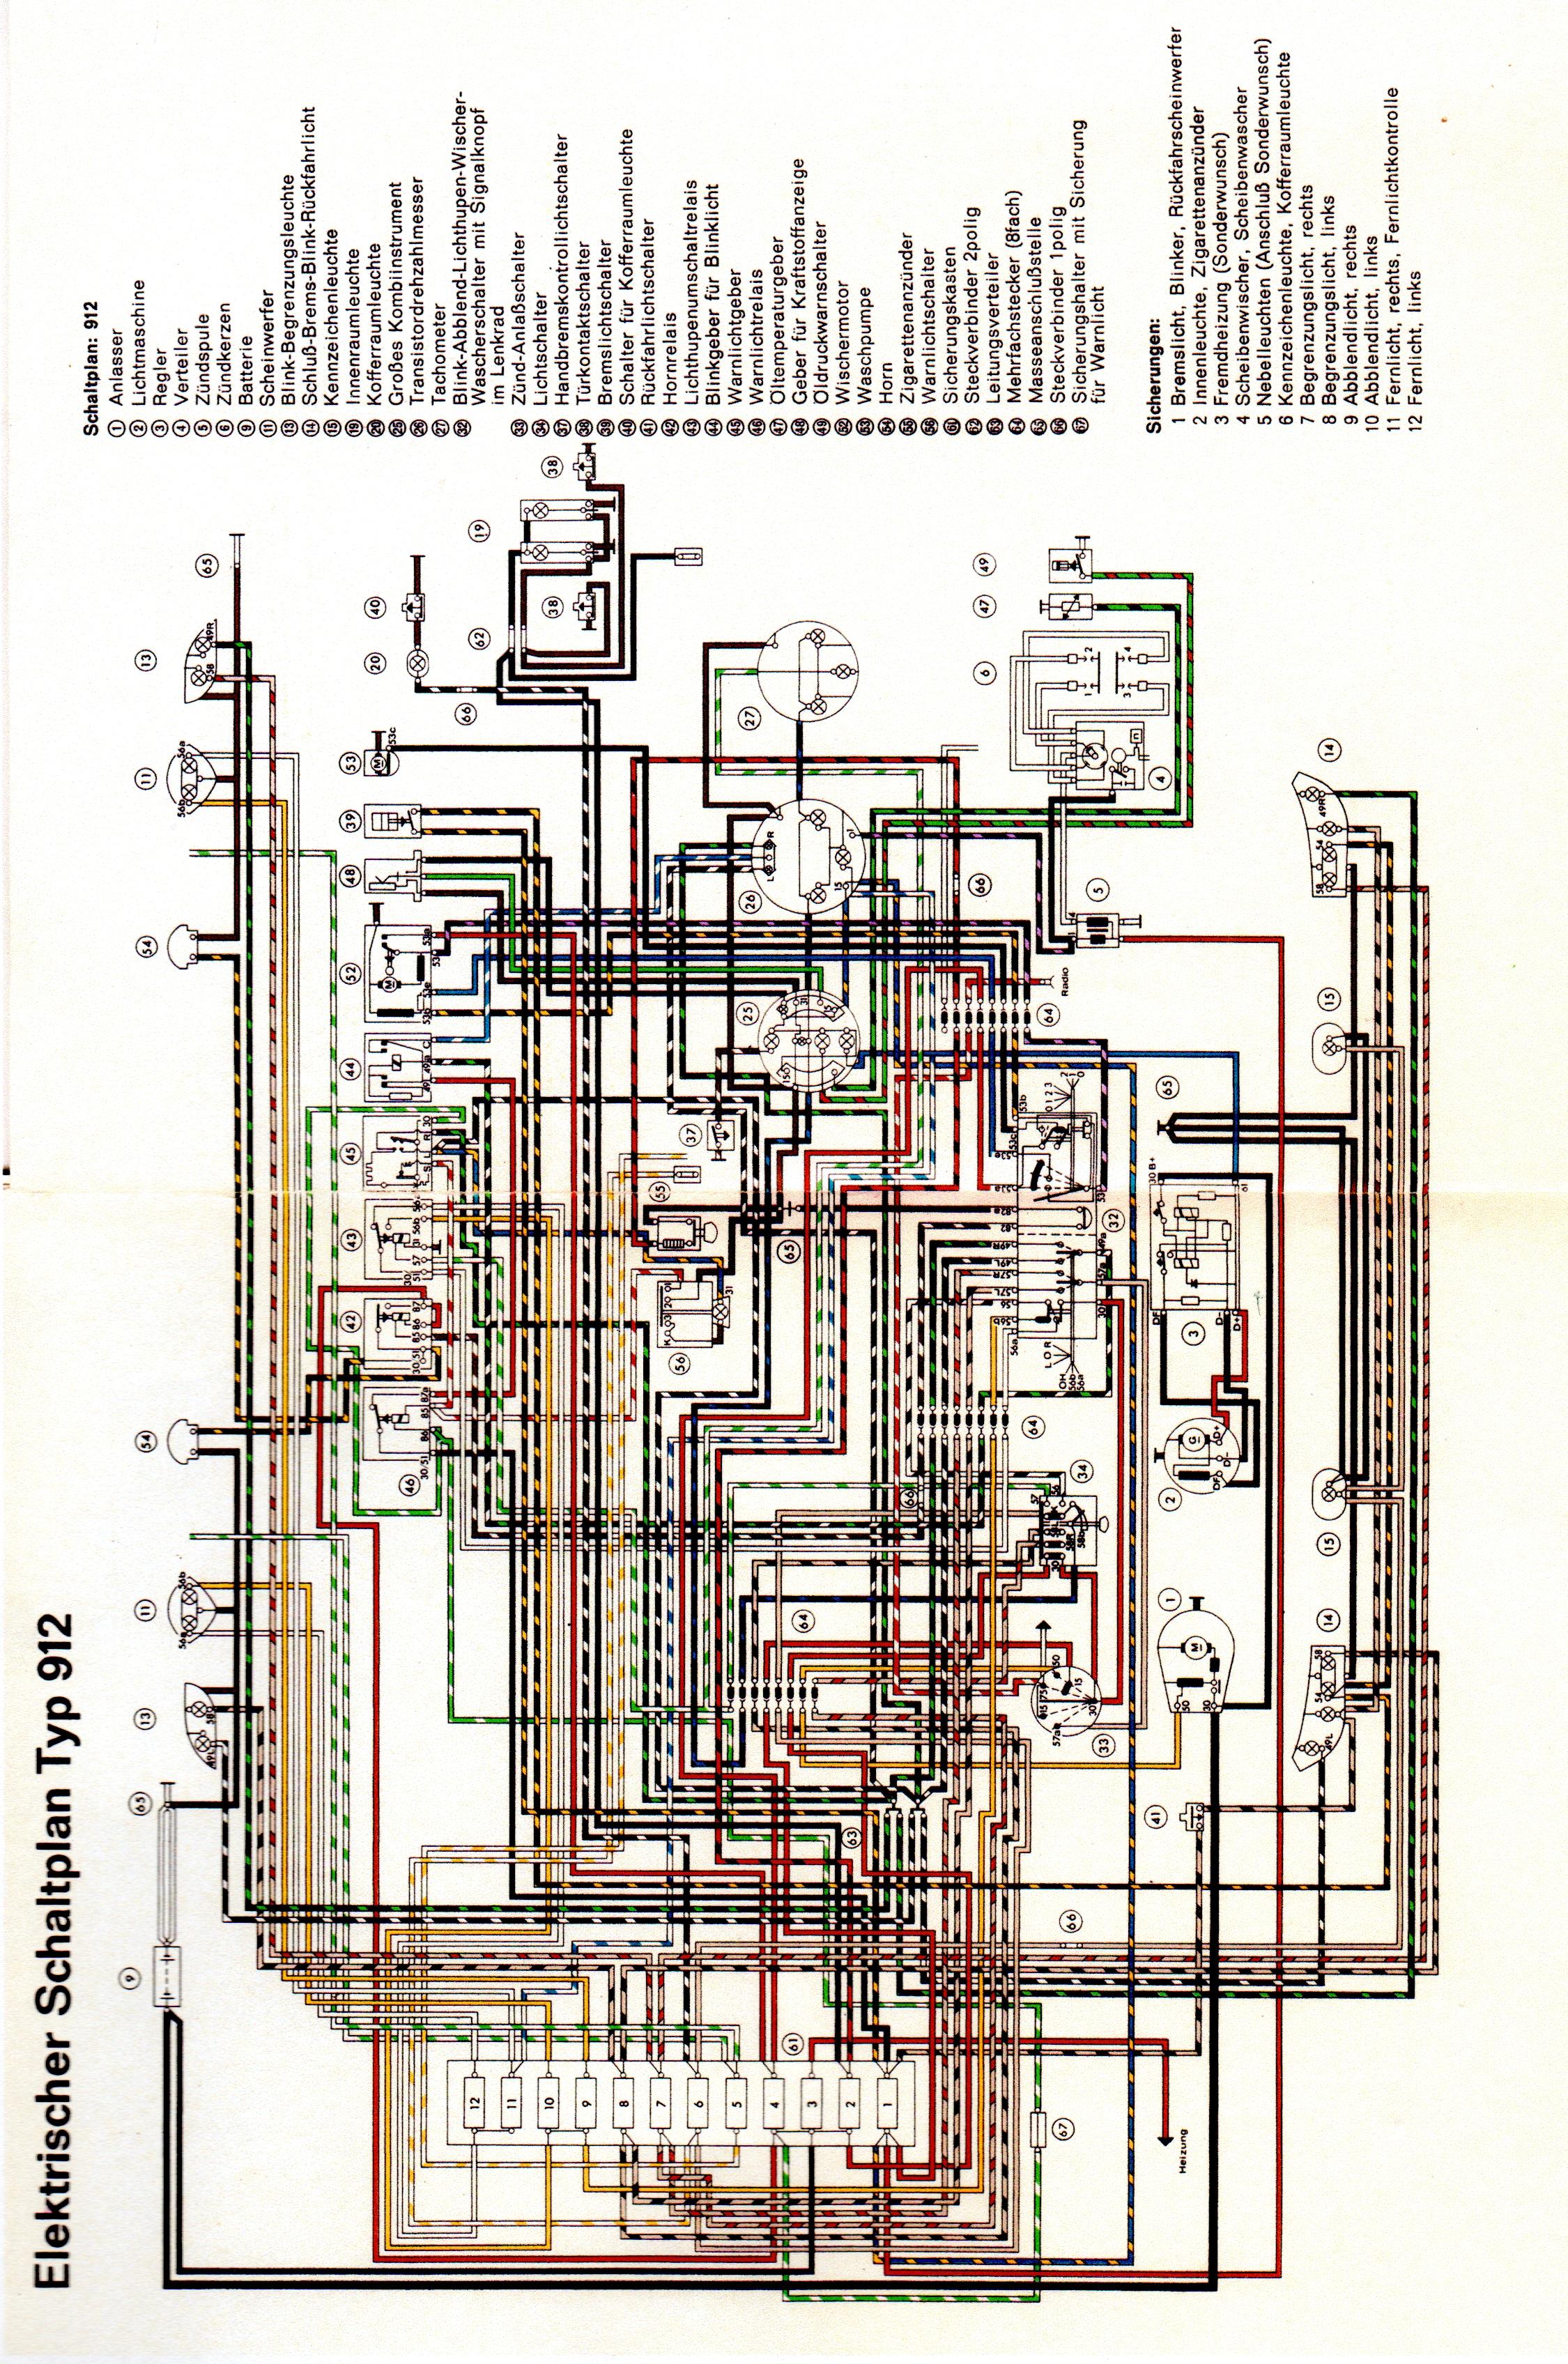 Großartig 1981 Trans Am Schaltplan Galerie - Die Besten Elektrischen ...